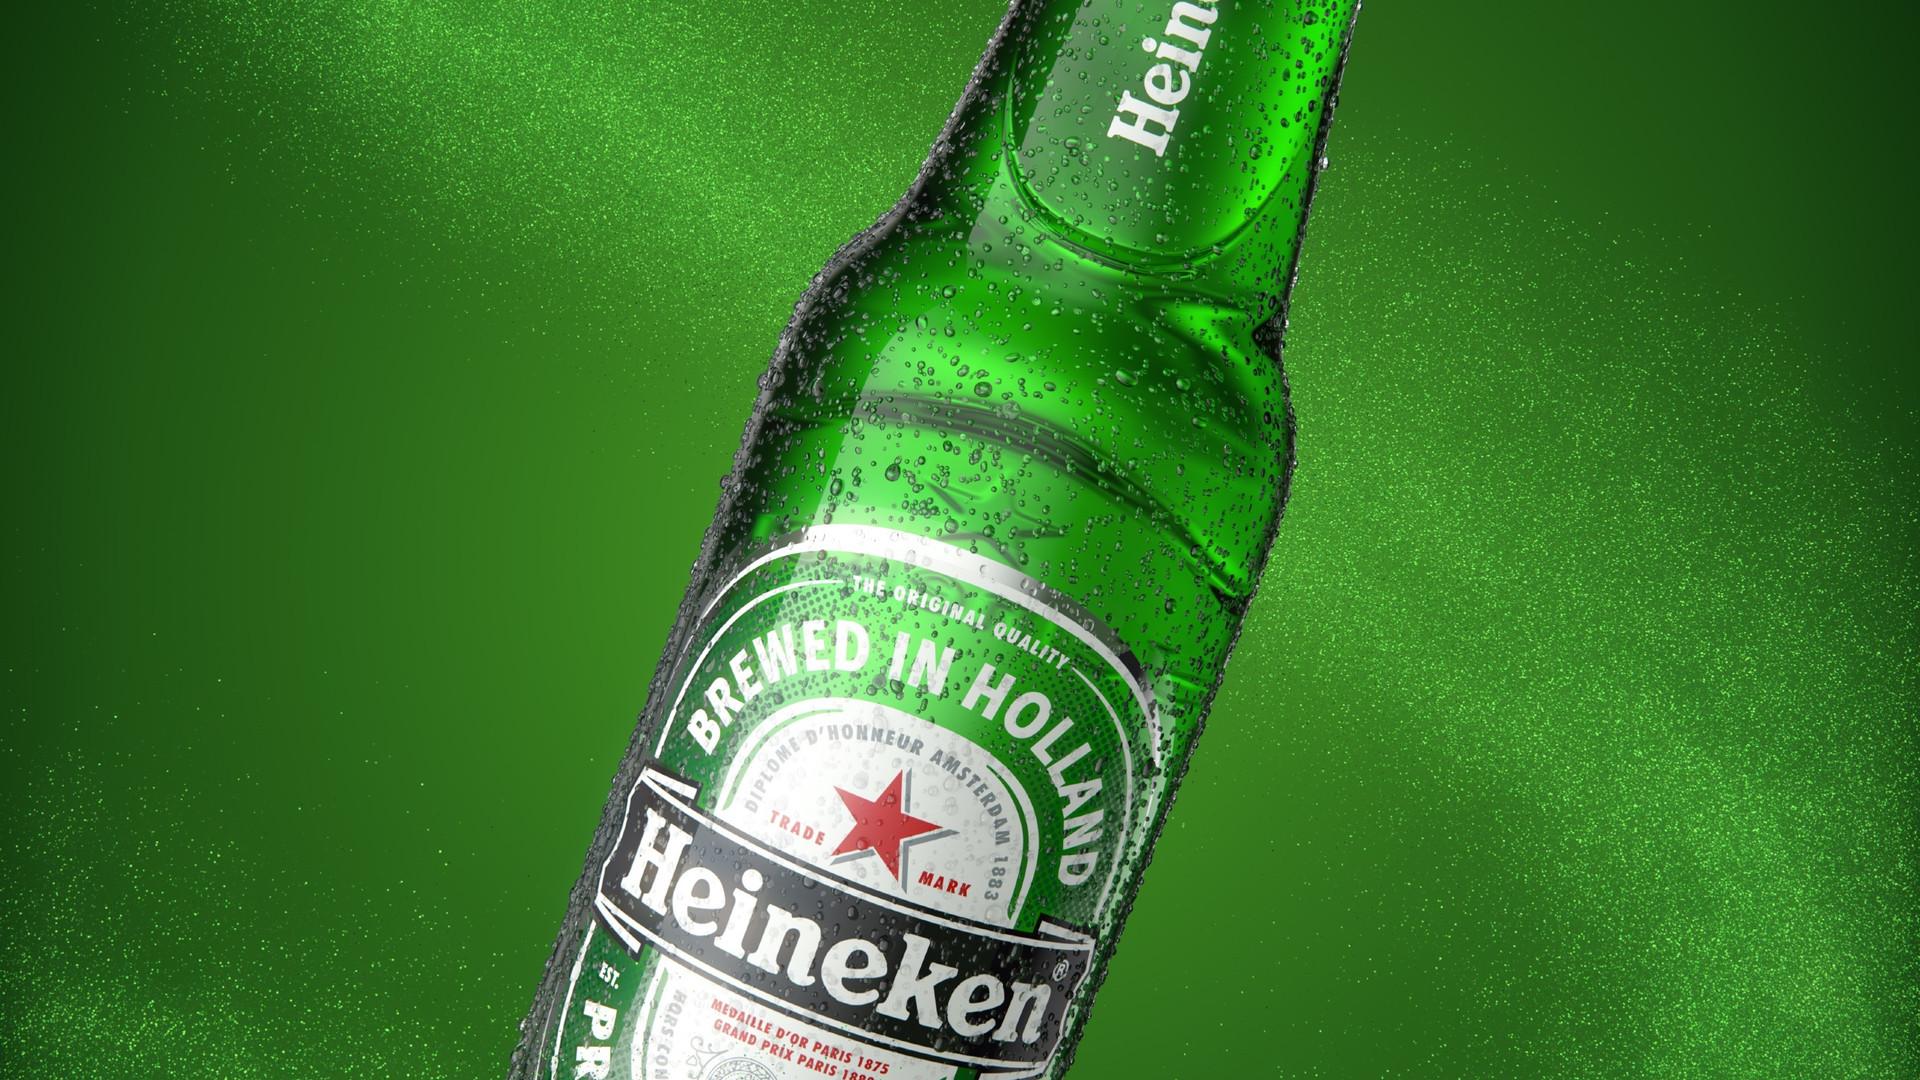 Heineken_V2-small.jpg